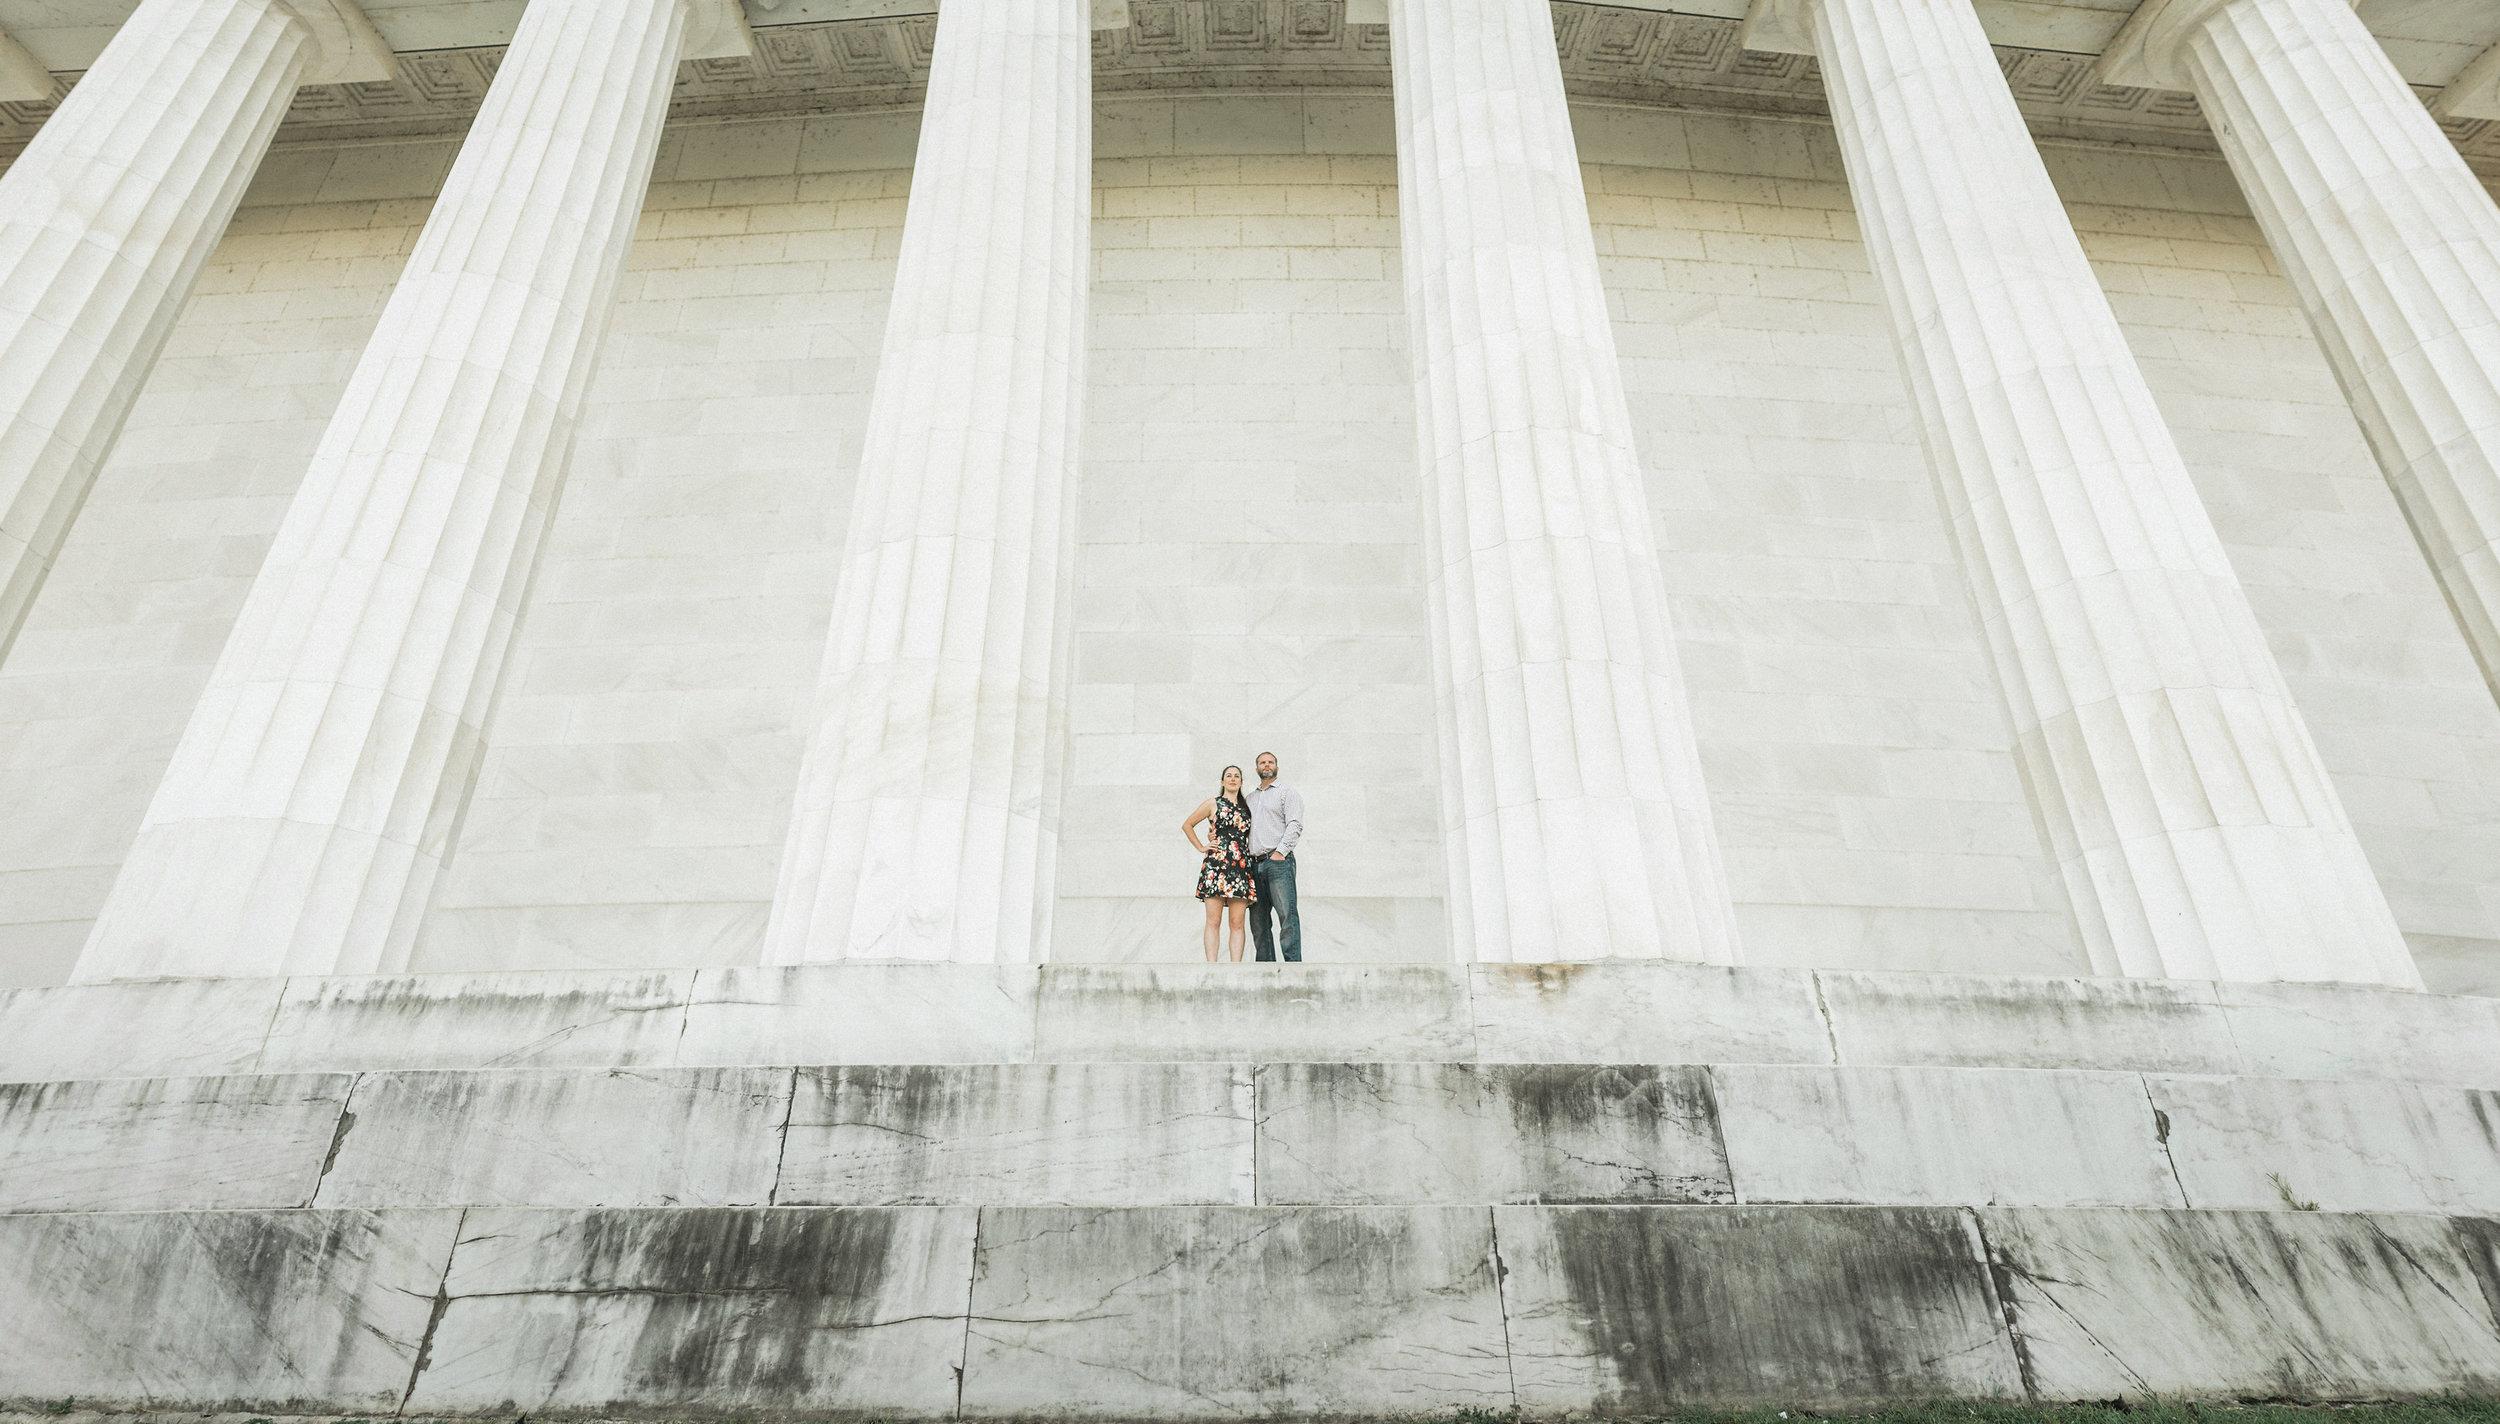 Couple standing between marble pillars